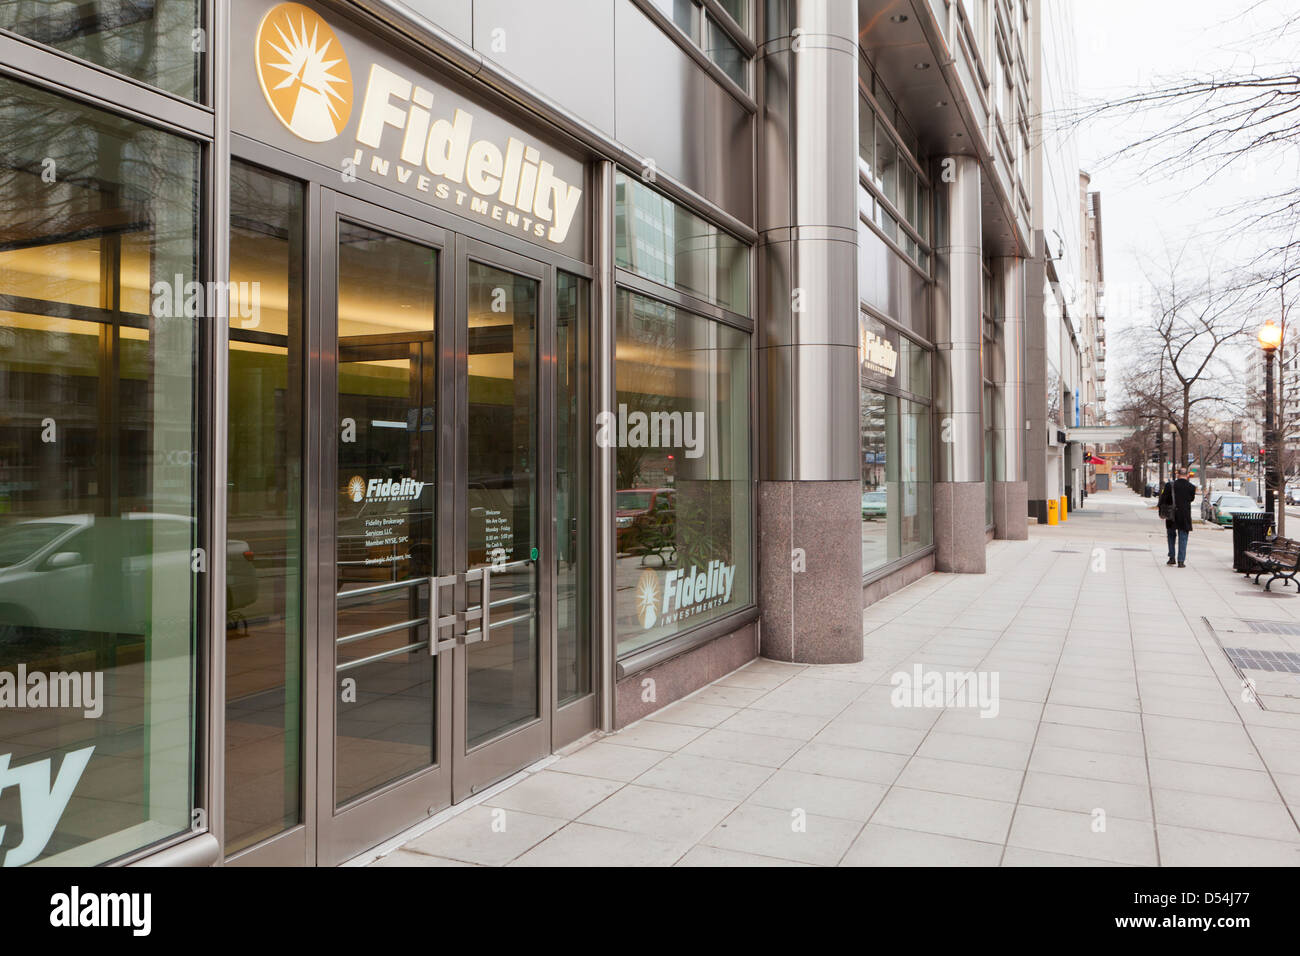 Fidelity Investments office - Washington, DC USA - Stock Image